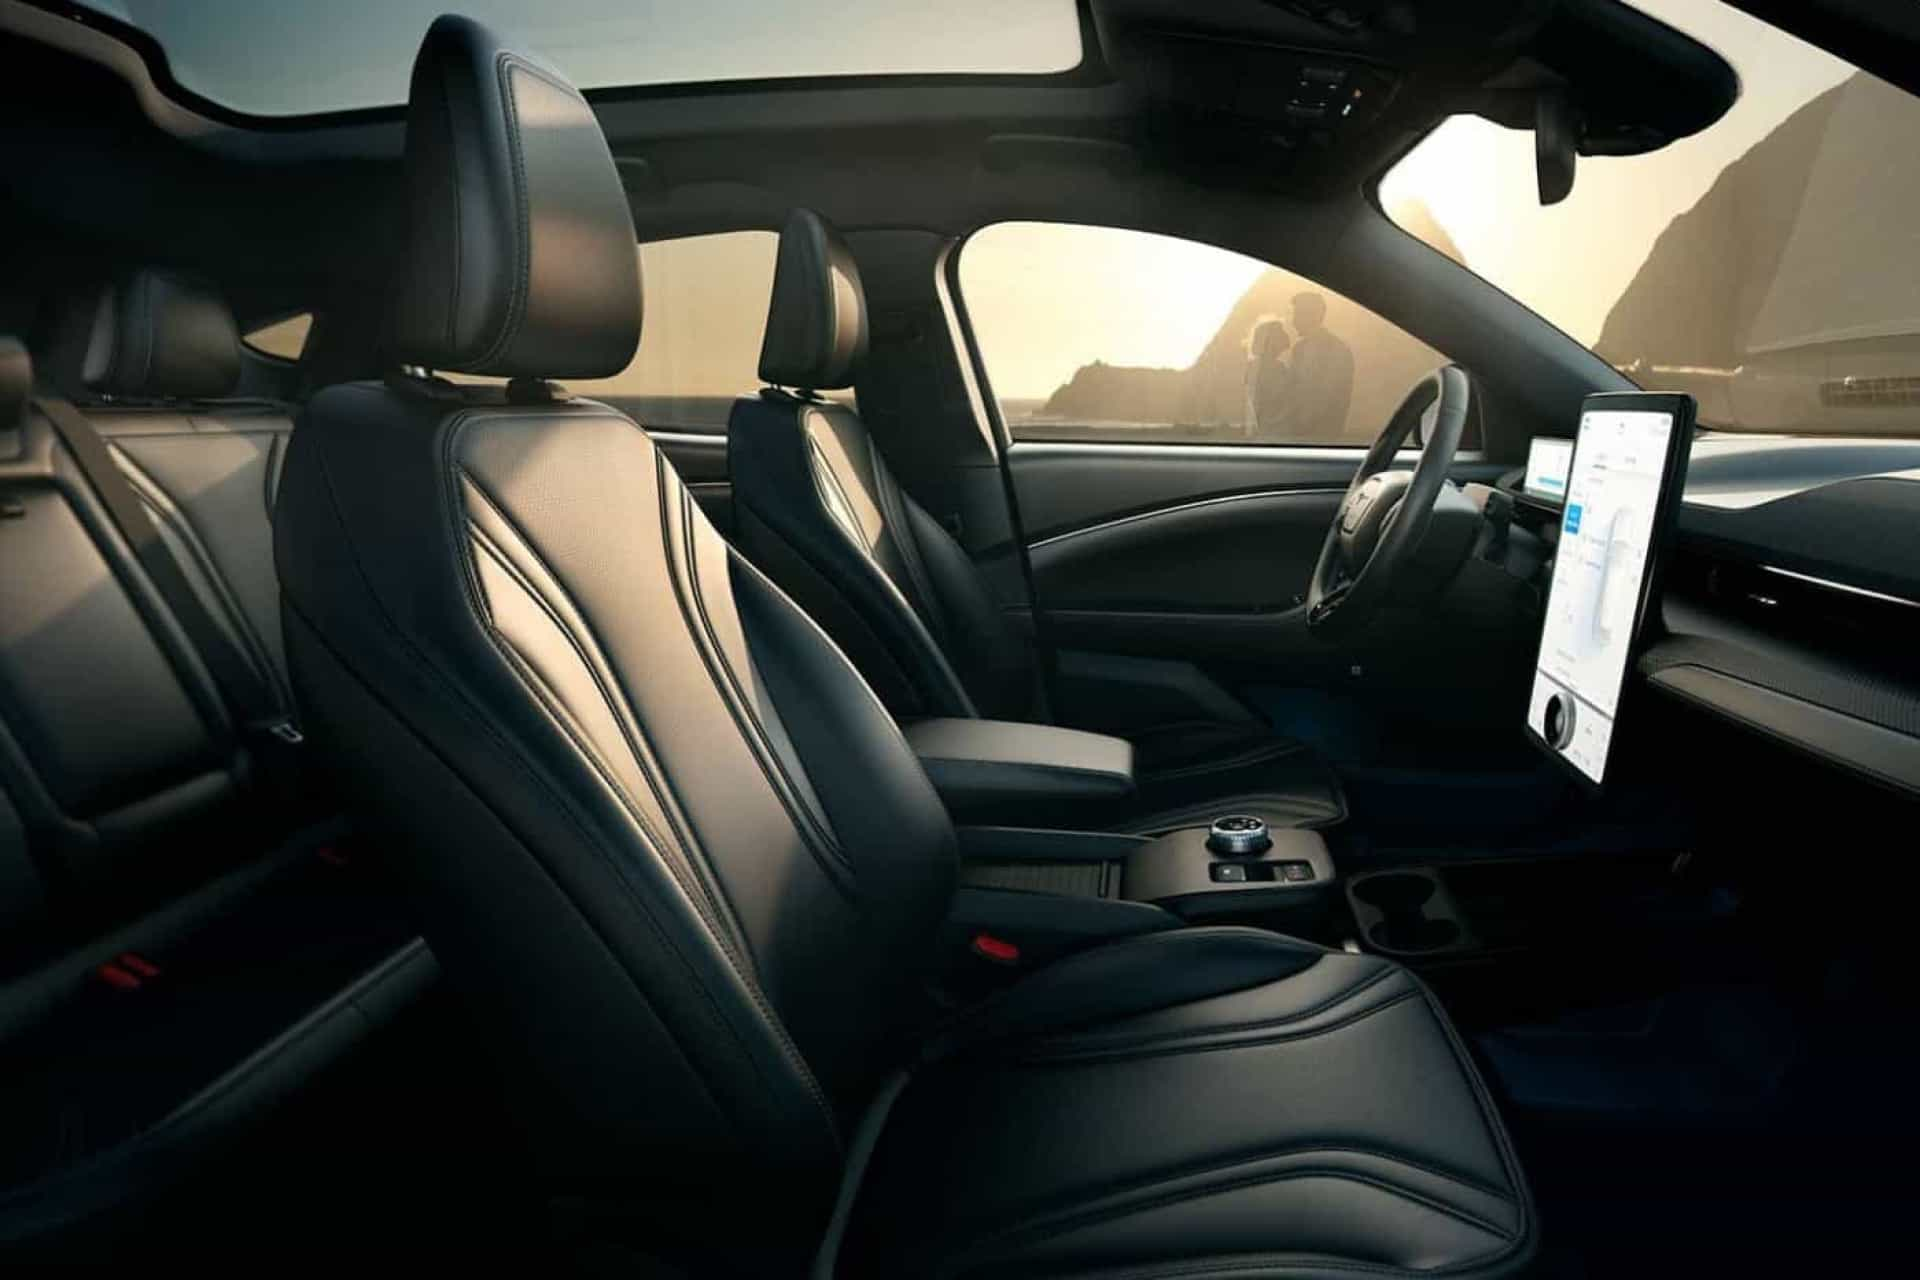 Ford Mustang Mach-E foi apresentado oficialmente. Veja as imagens